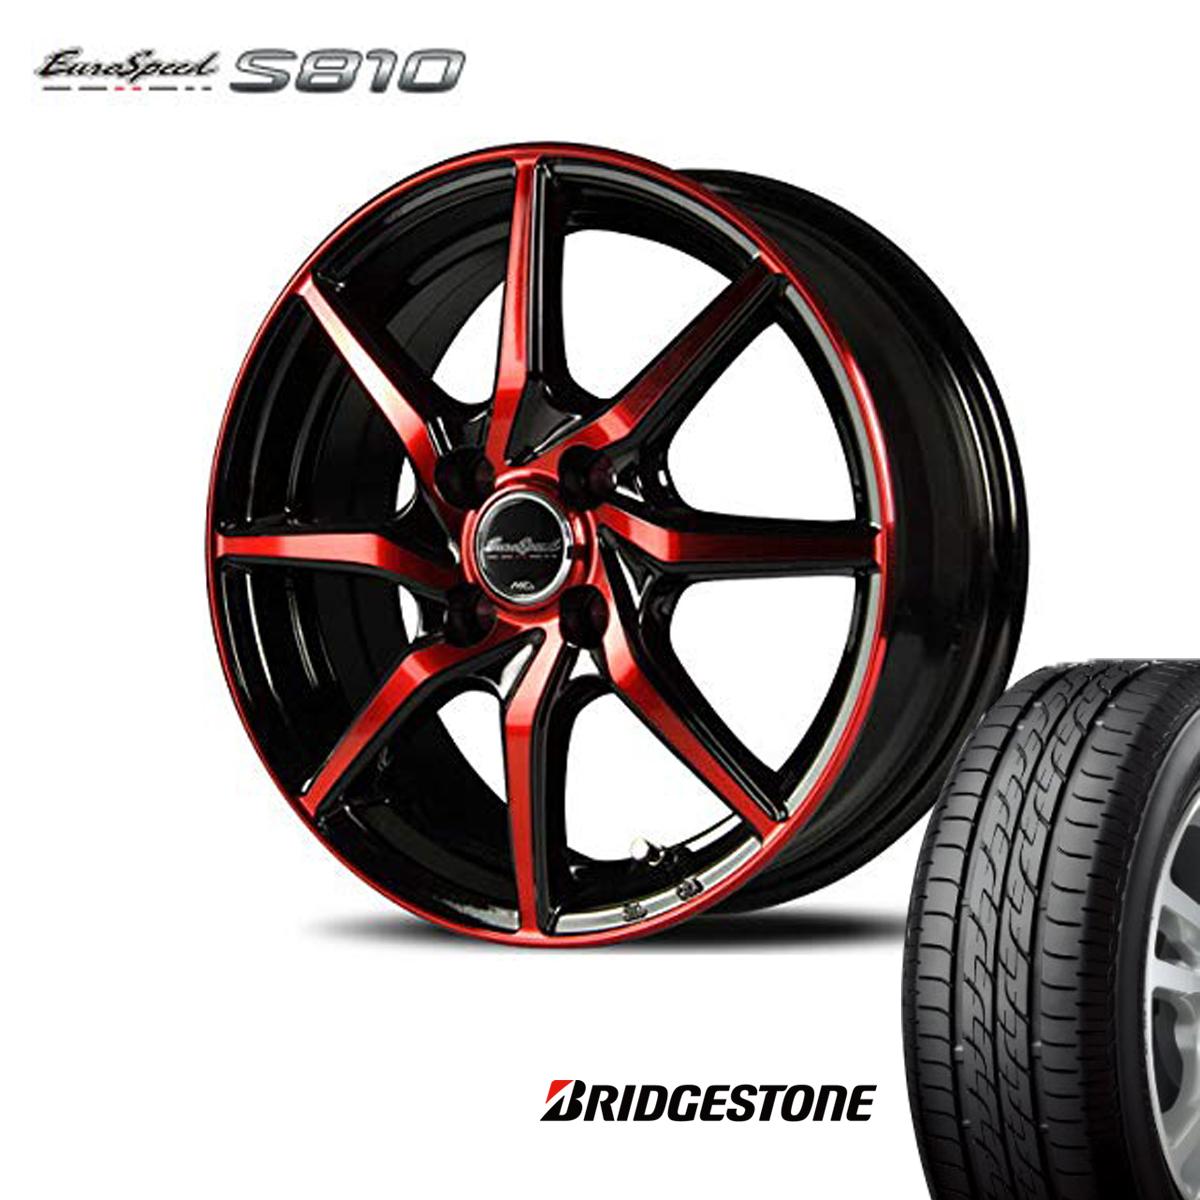 Euro Speed タイヤ ホイール セット 1本 17インチ 5H114.3 7.0J+48 ユーロスピード S810 マナレイ スポーツ ブリヂストン 225/65R17 102H 225 65 17 102H